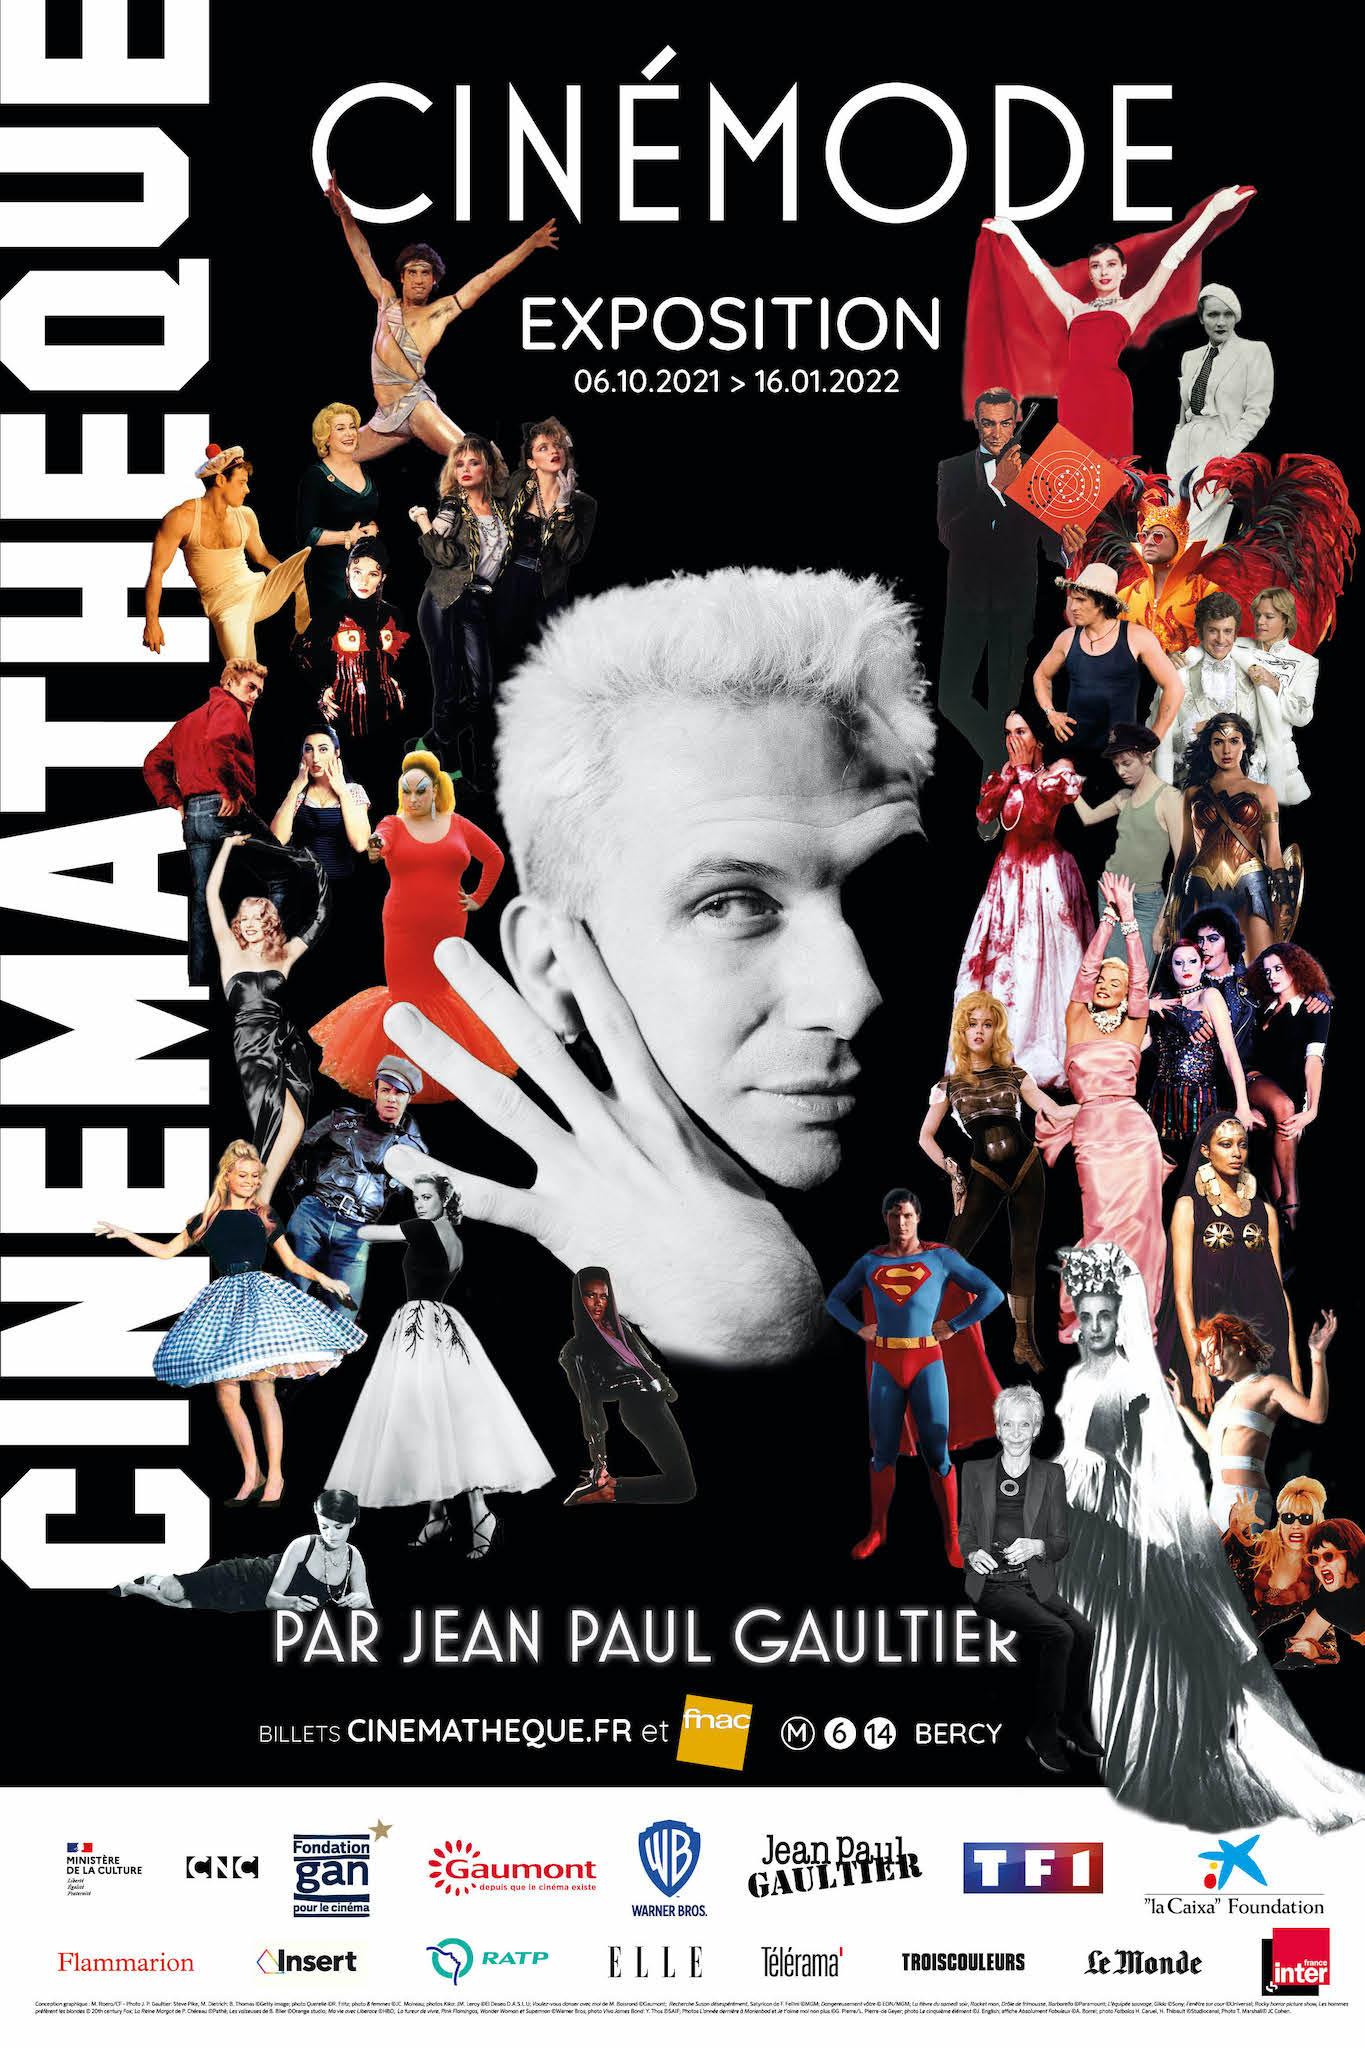 CinéMode par Jean Paul Gaultier affiche exposition